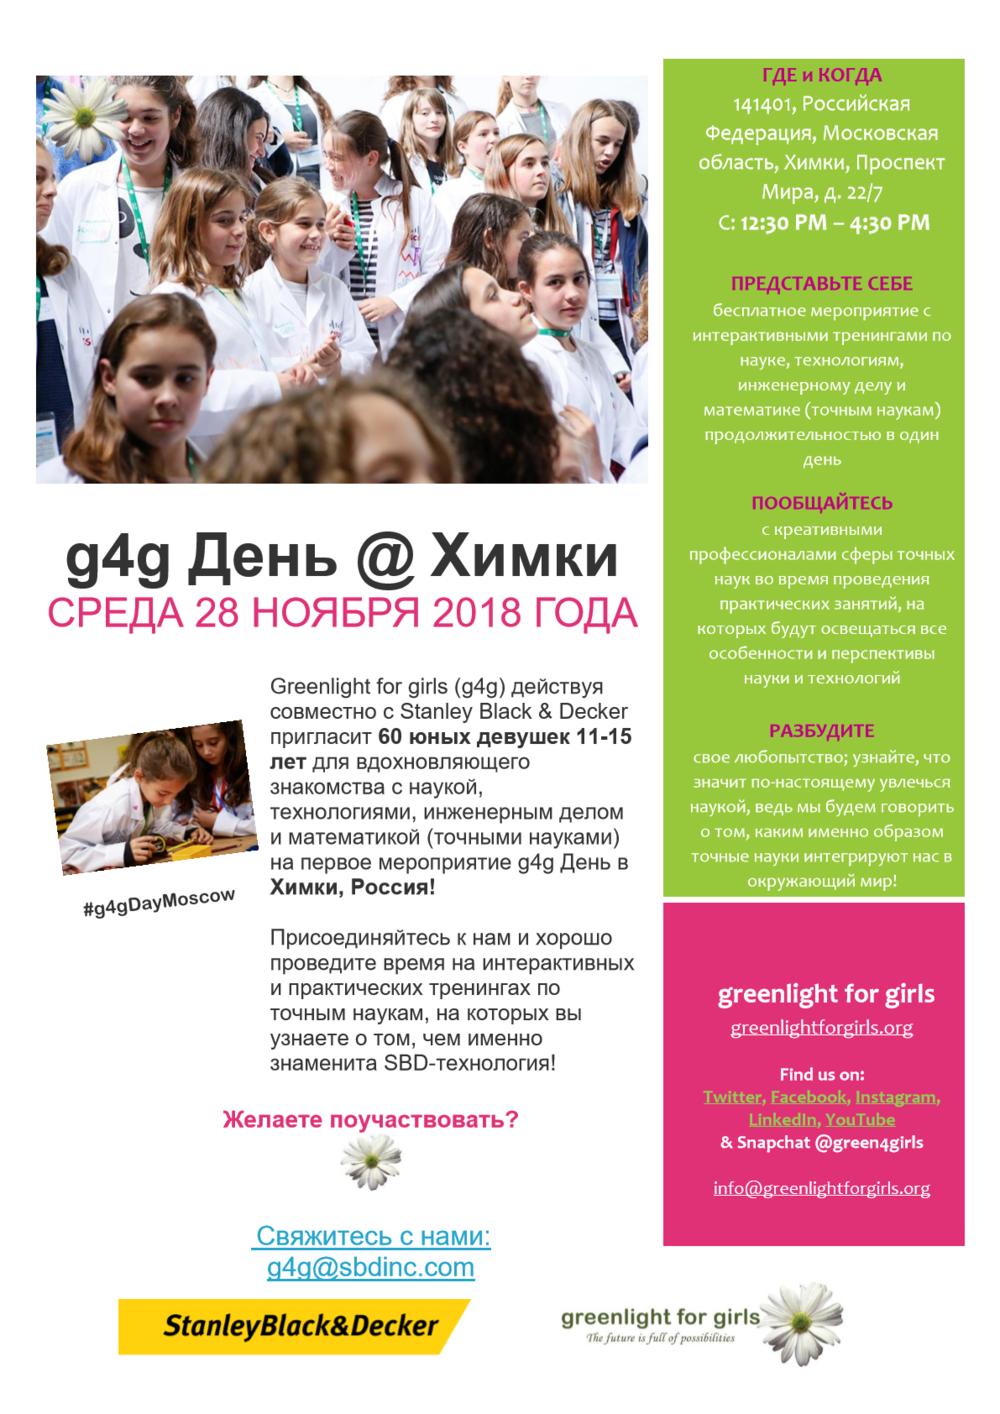 flyer_g4gDayMoscow_SBD_RU.jpg